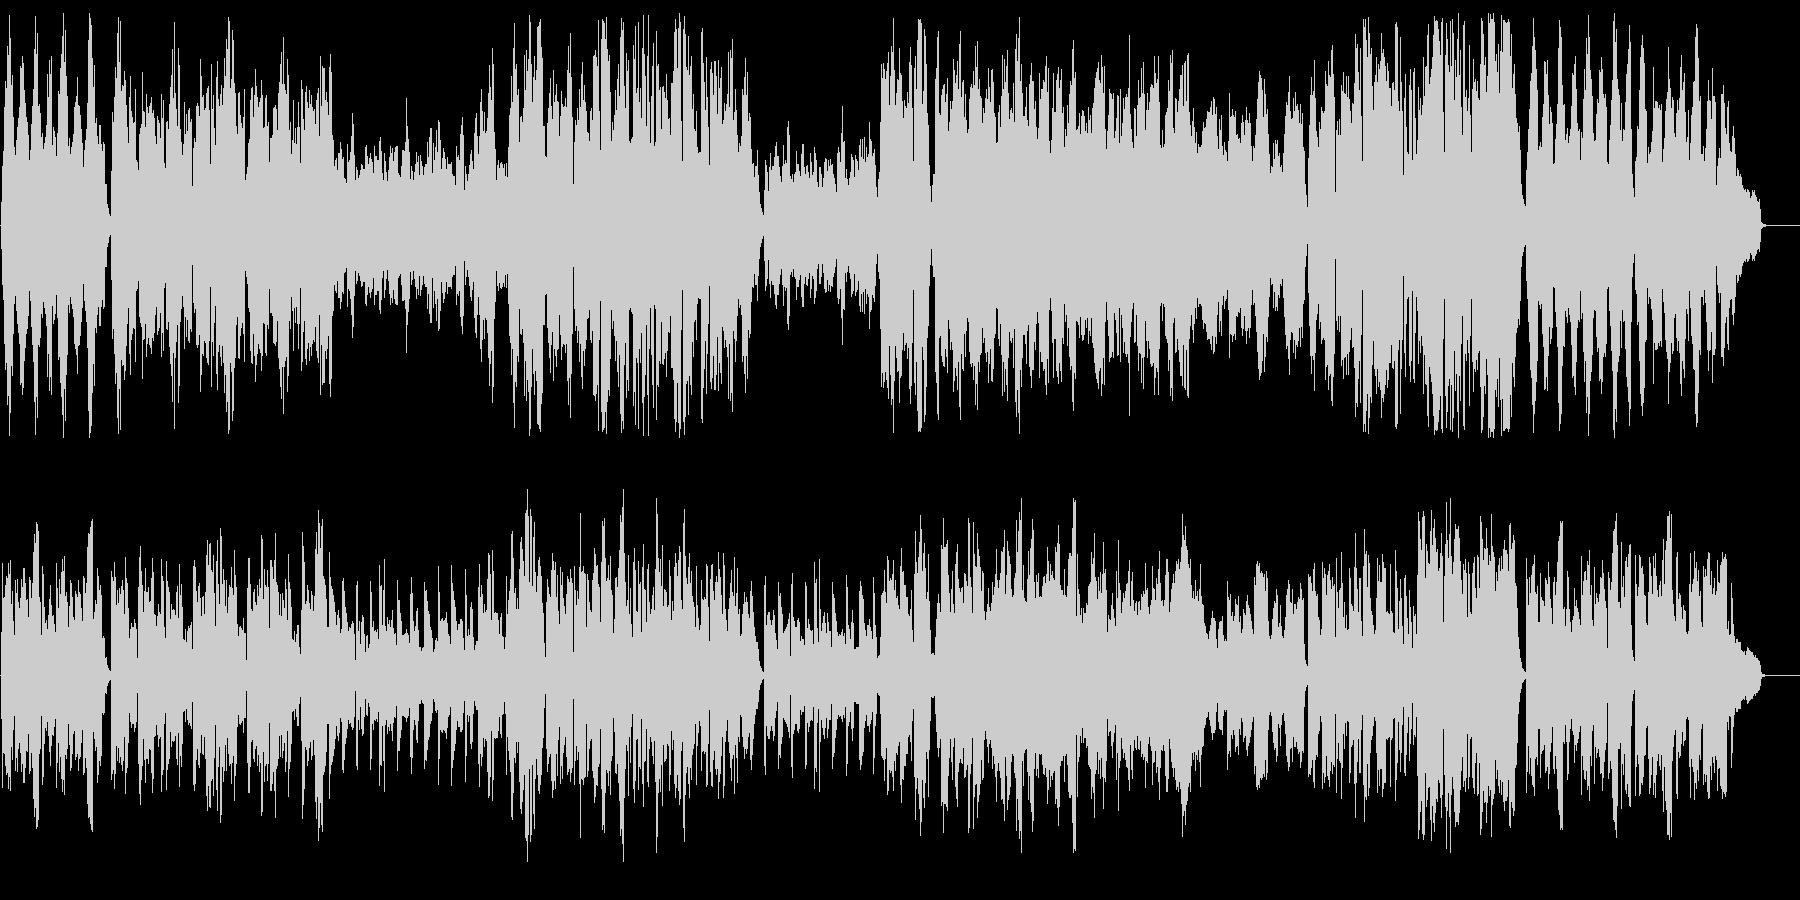 オーケストラによる奇妙で軽快なワルツの未再生の波形